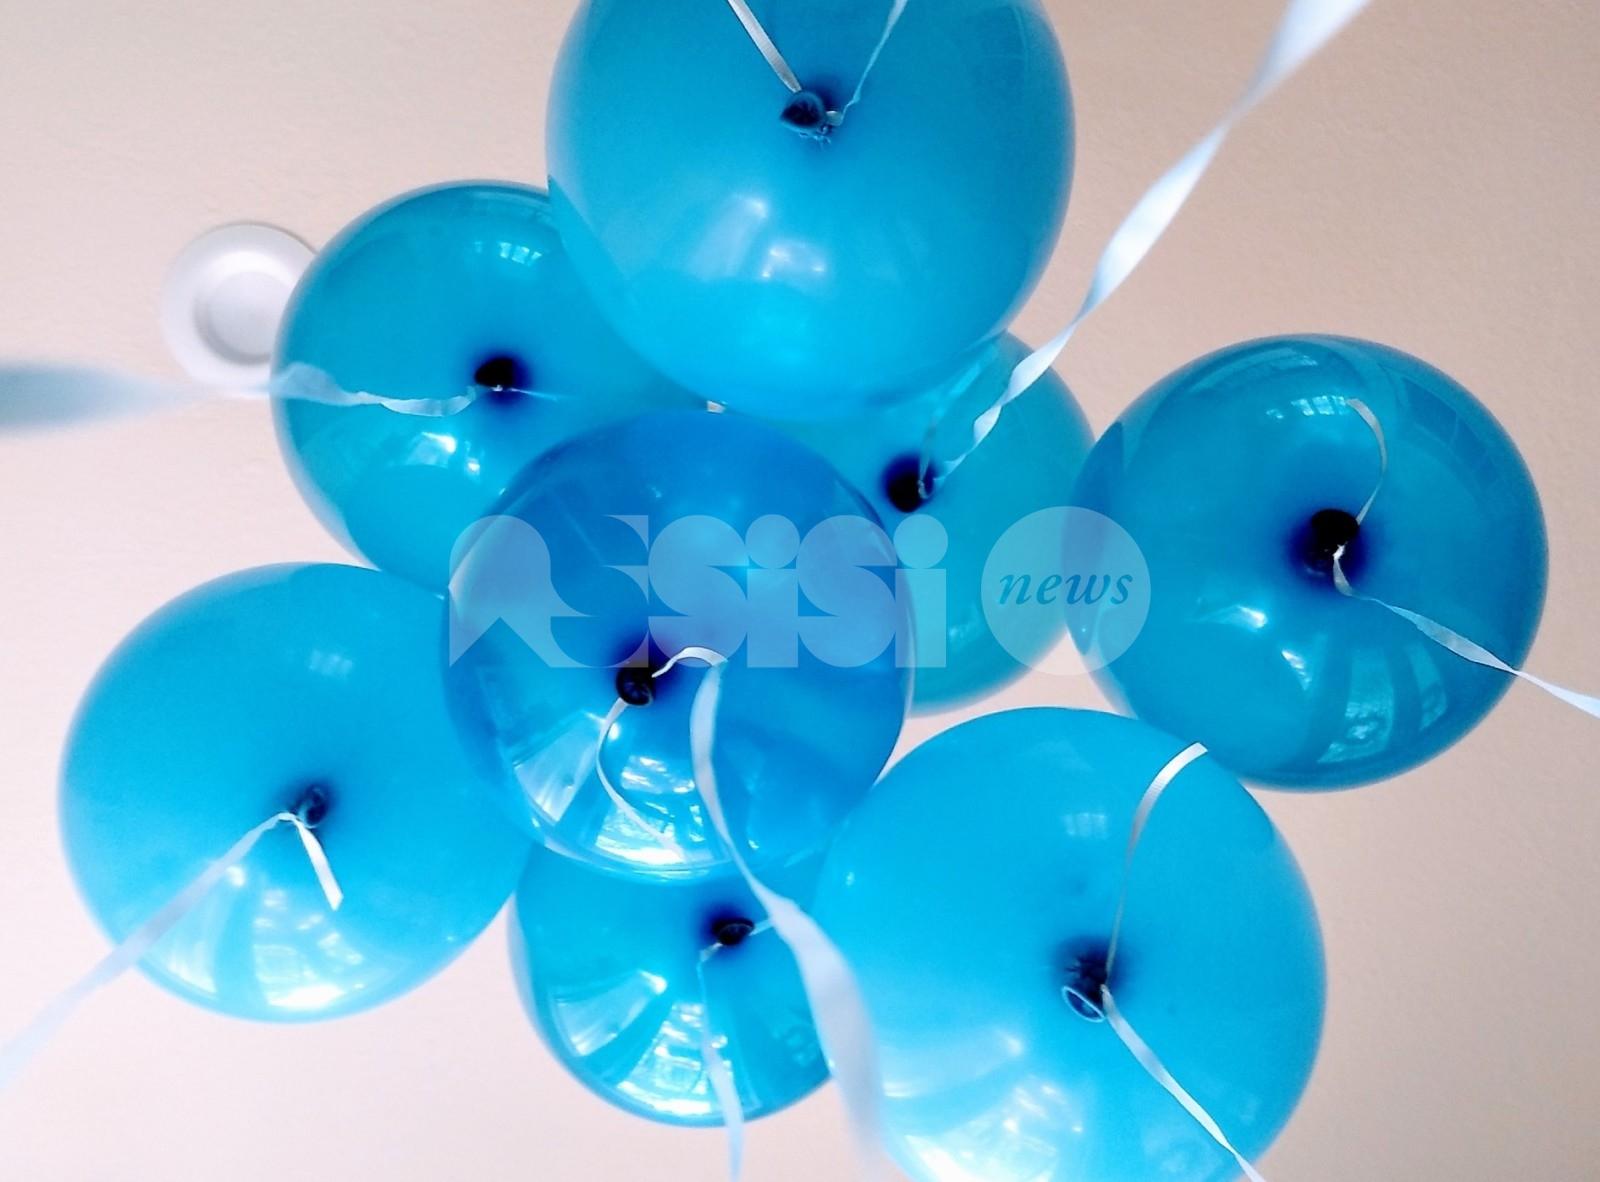 Giornata mondiale della consapevolezza sull'autismo 2021, le iniziative di Angsa Umbria